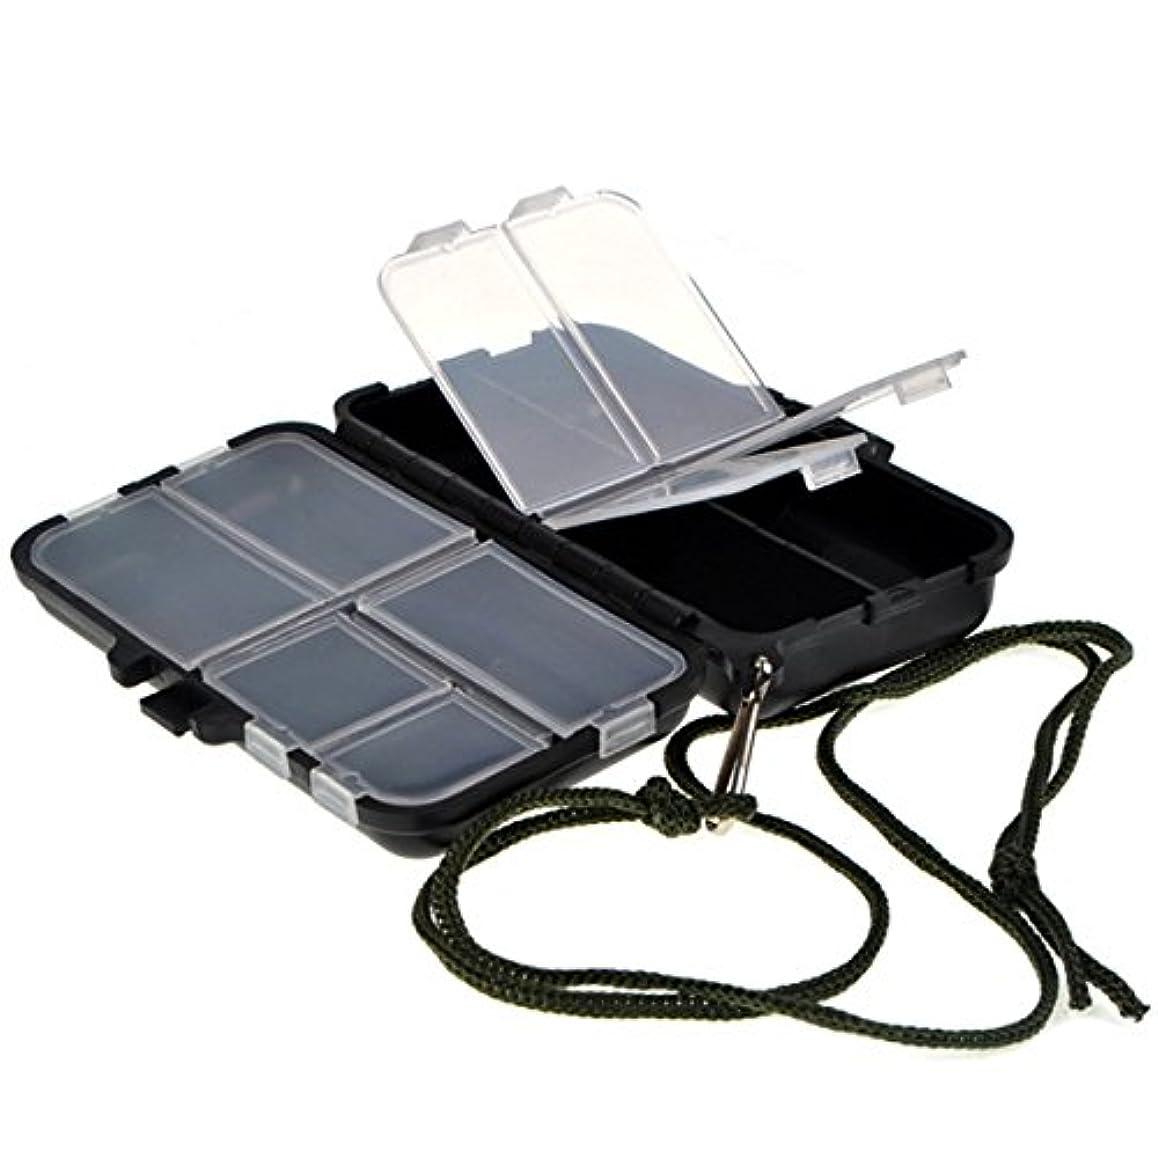 掘る見て宣教師Bininbox Smallサイズタックルボックス9コンパートメント防水ブラックライト重量タックルストレージボックスケース